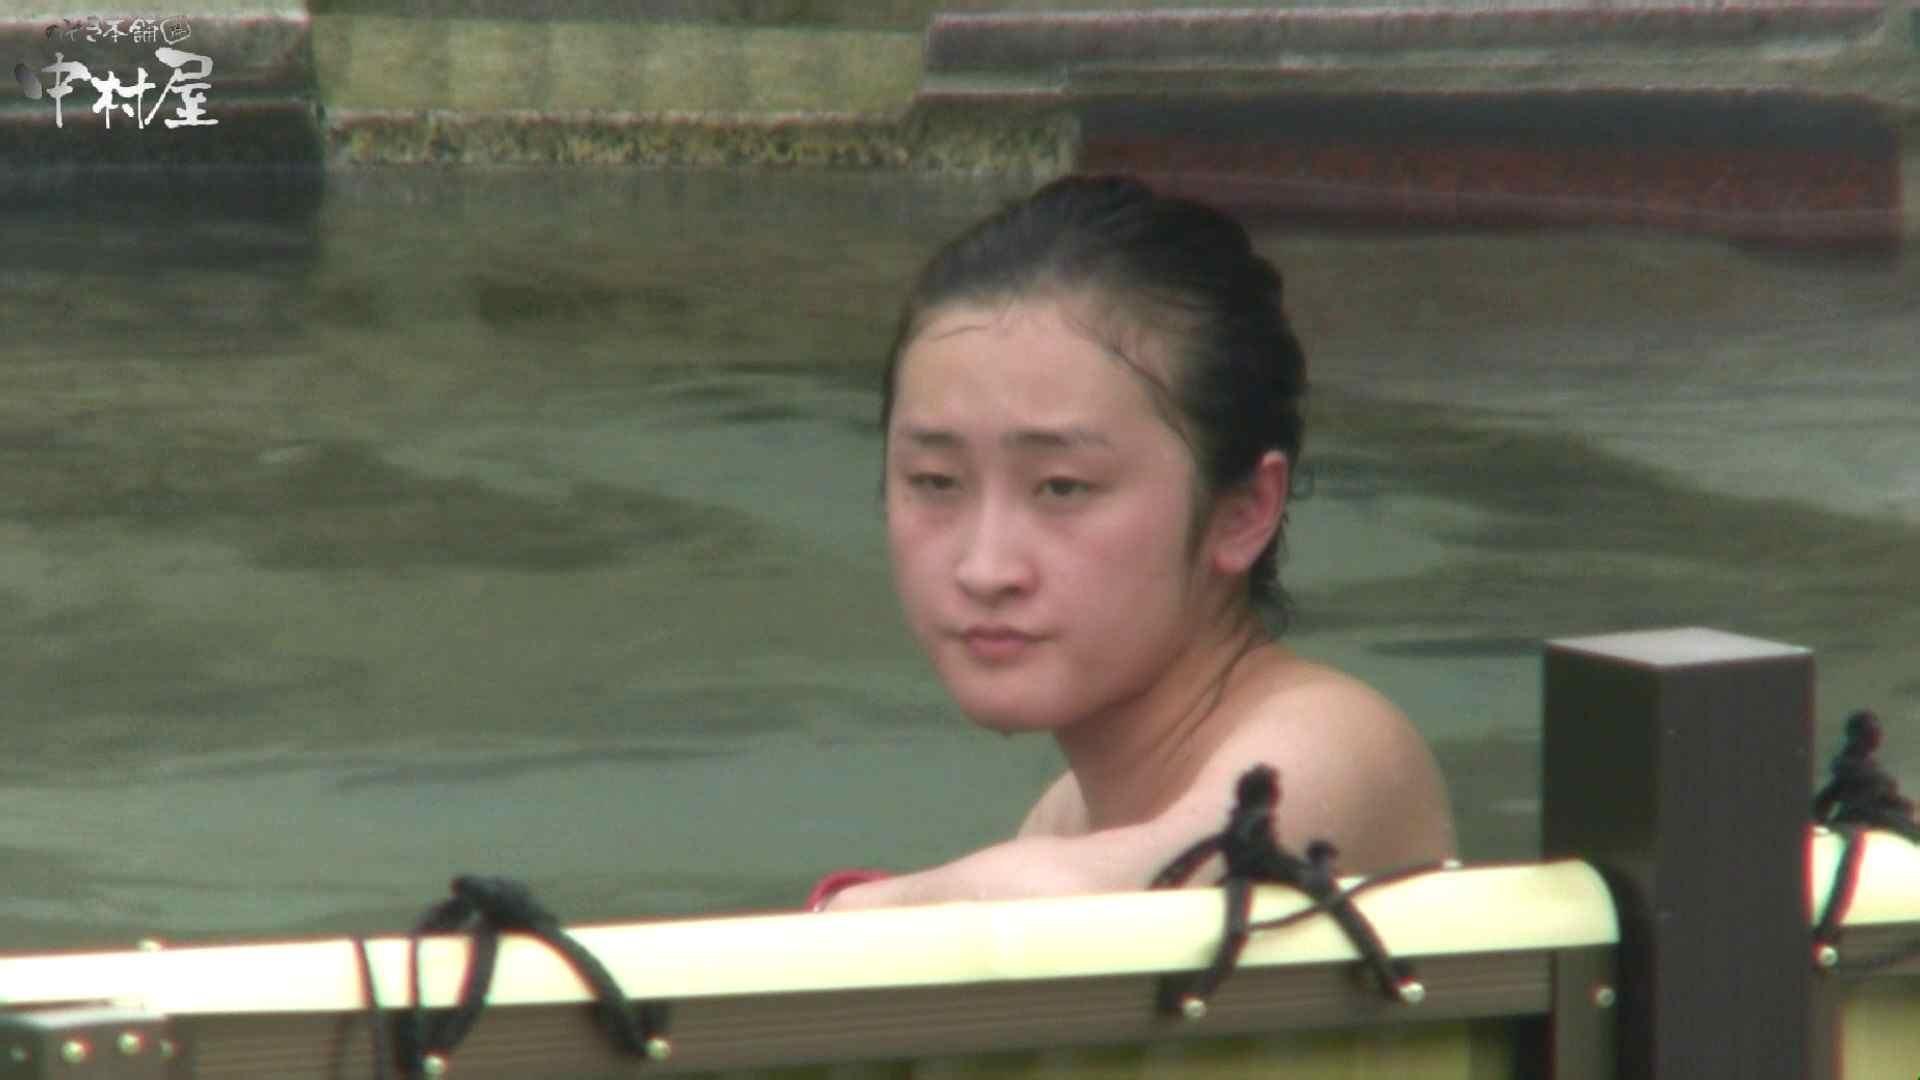 Aquaな露天風呂Vol.949 露天 | 盗撮特集  106画像 67